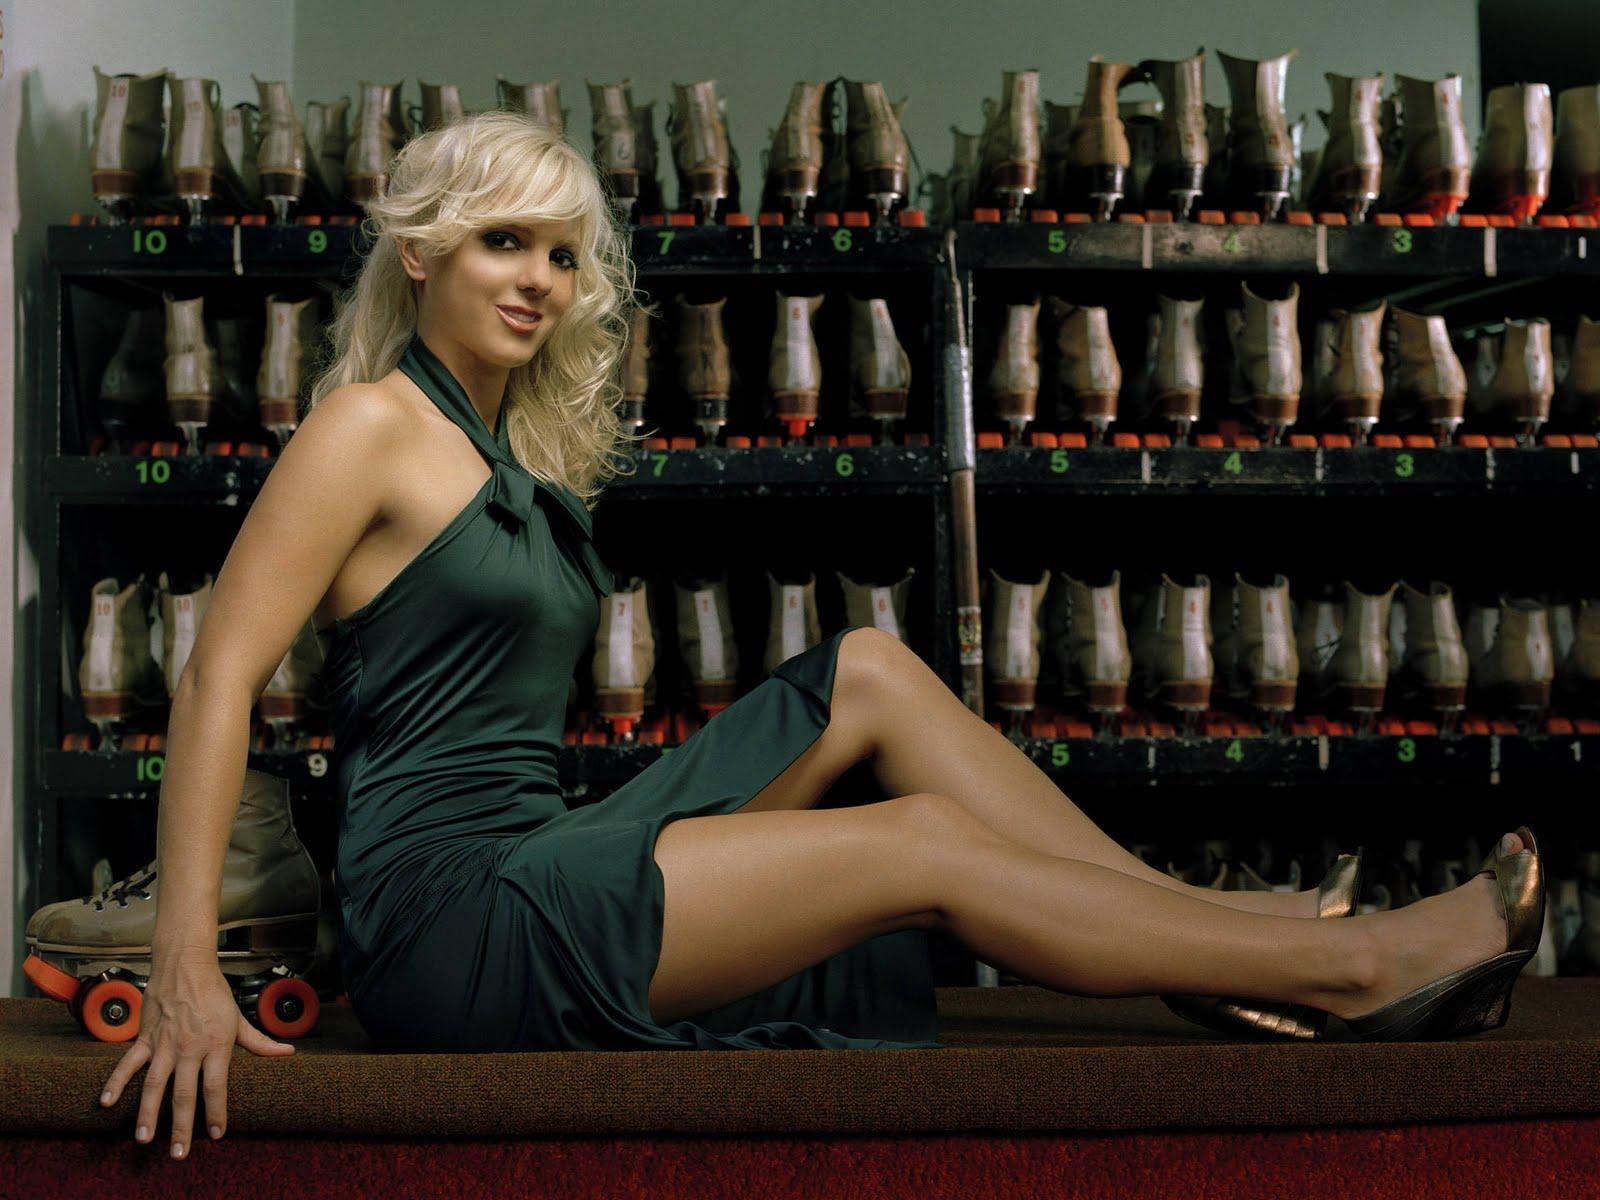 http://1.bp.blogspot.com/-XrwpTDKWNr0/TqwoB5N75xI/AAAAAAAAArg/E4-7GetdCeU/s1600/Anna_faris_hd_wallpaper_long_legs.jpg